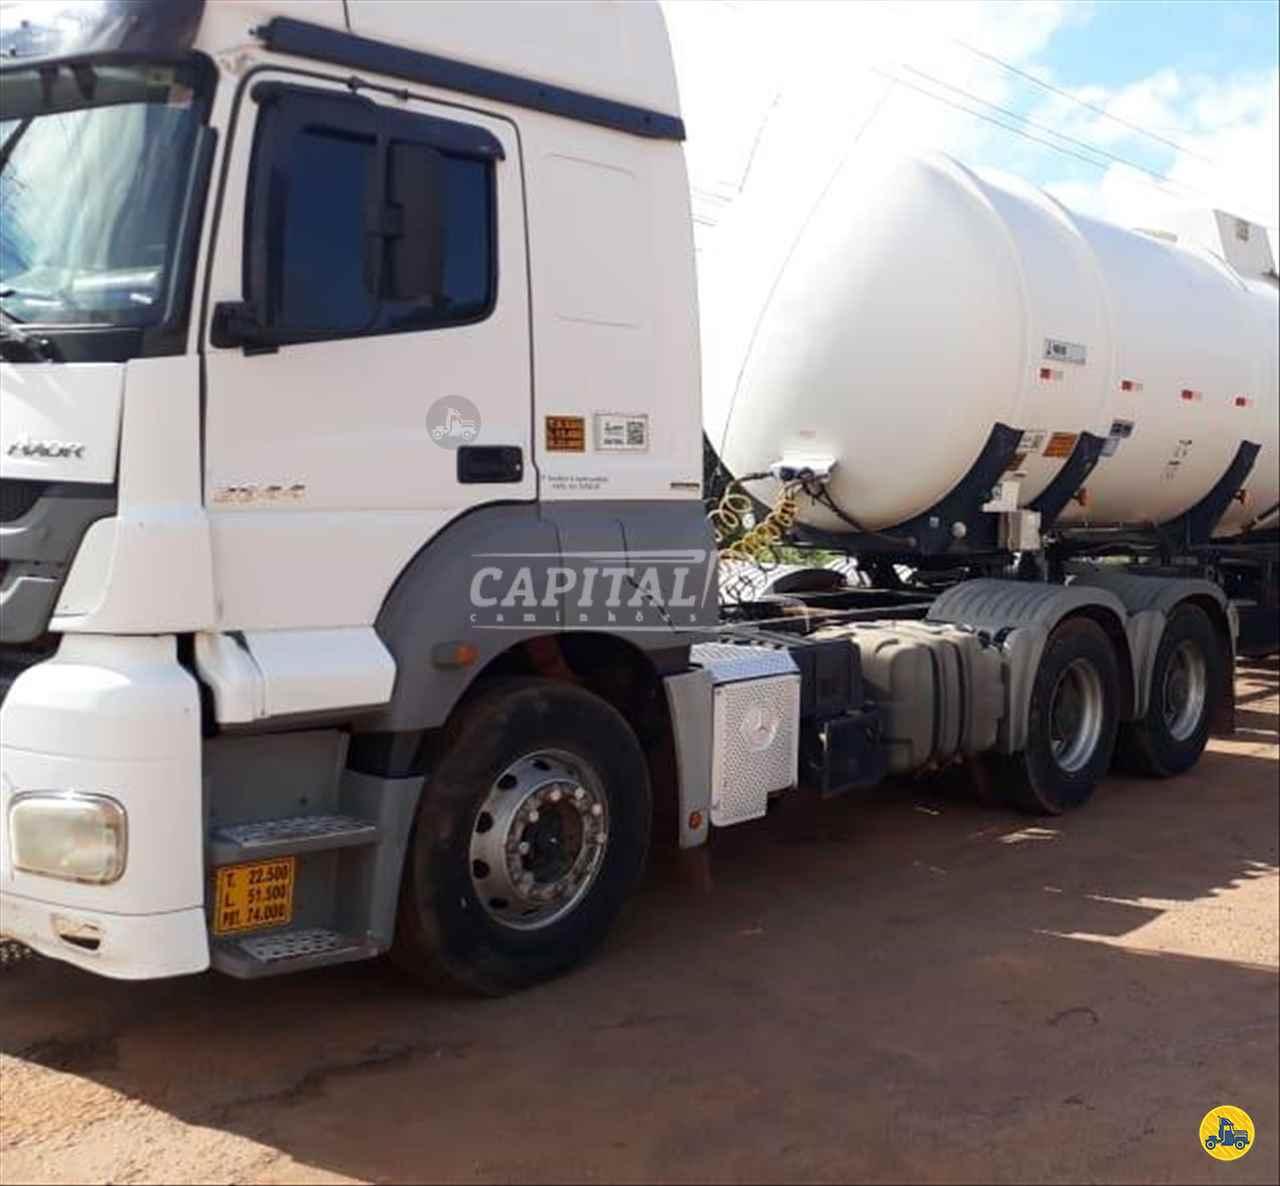 CAMINHAO MERCEDES-BENZ MB 2644 Cavalo Mecânico Traçado 6x4 Capital Caminhões - Metalesp e Recrusul  BRASILIA DISTRITO FEDERAL DF